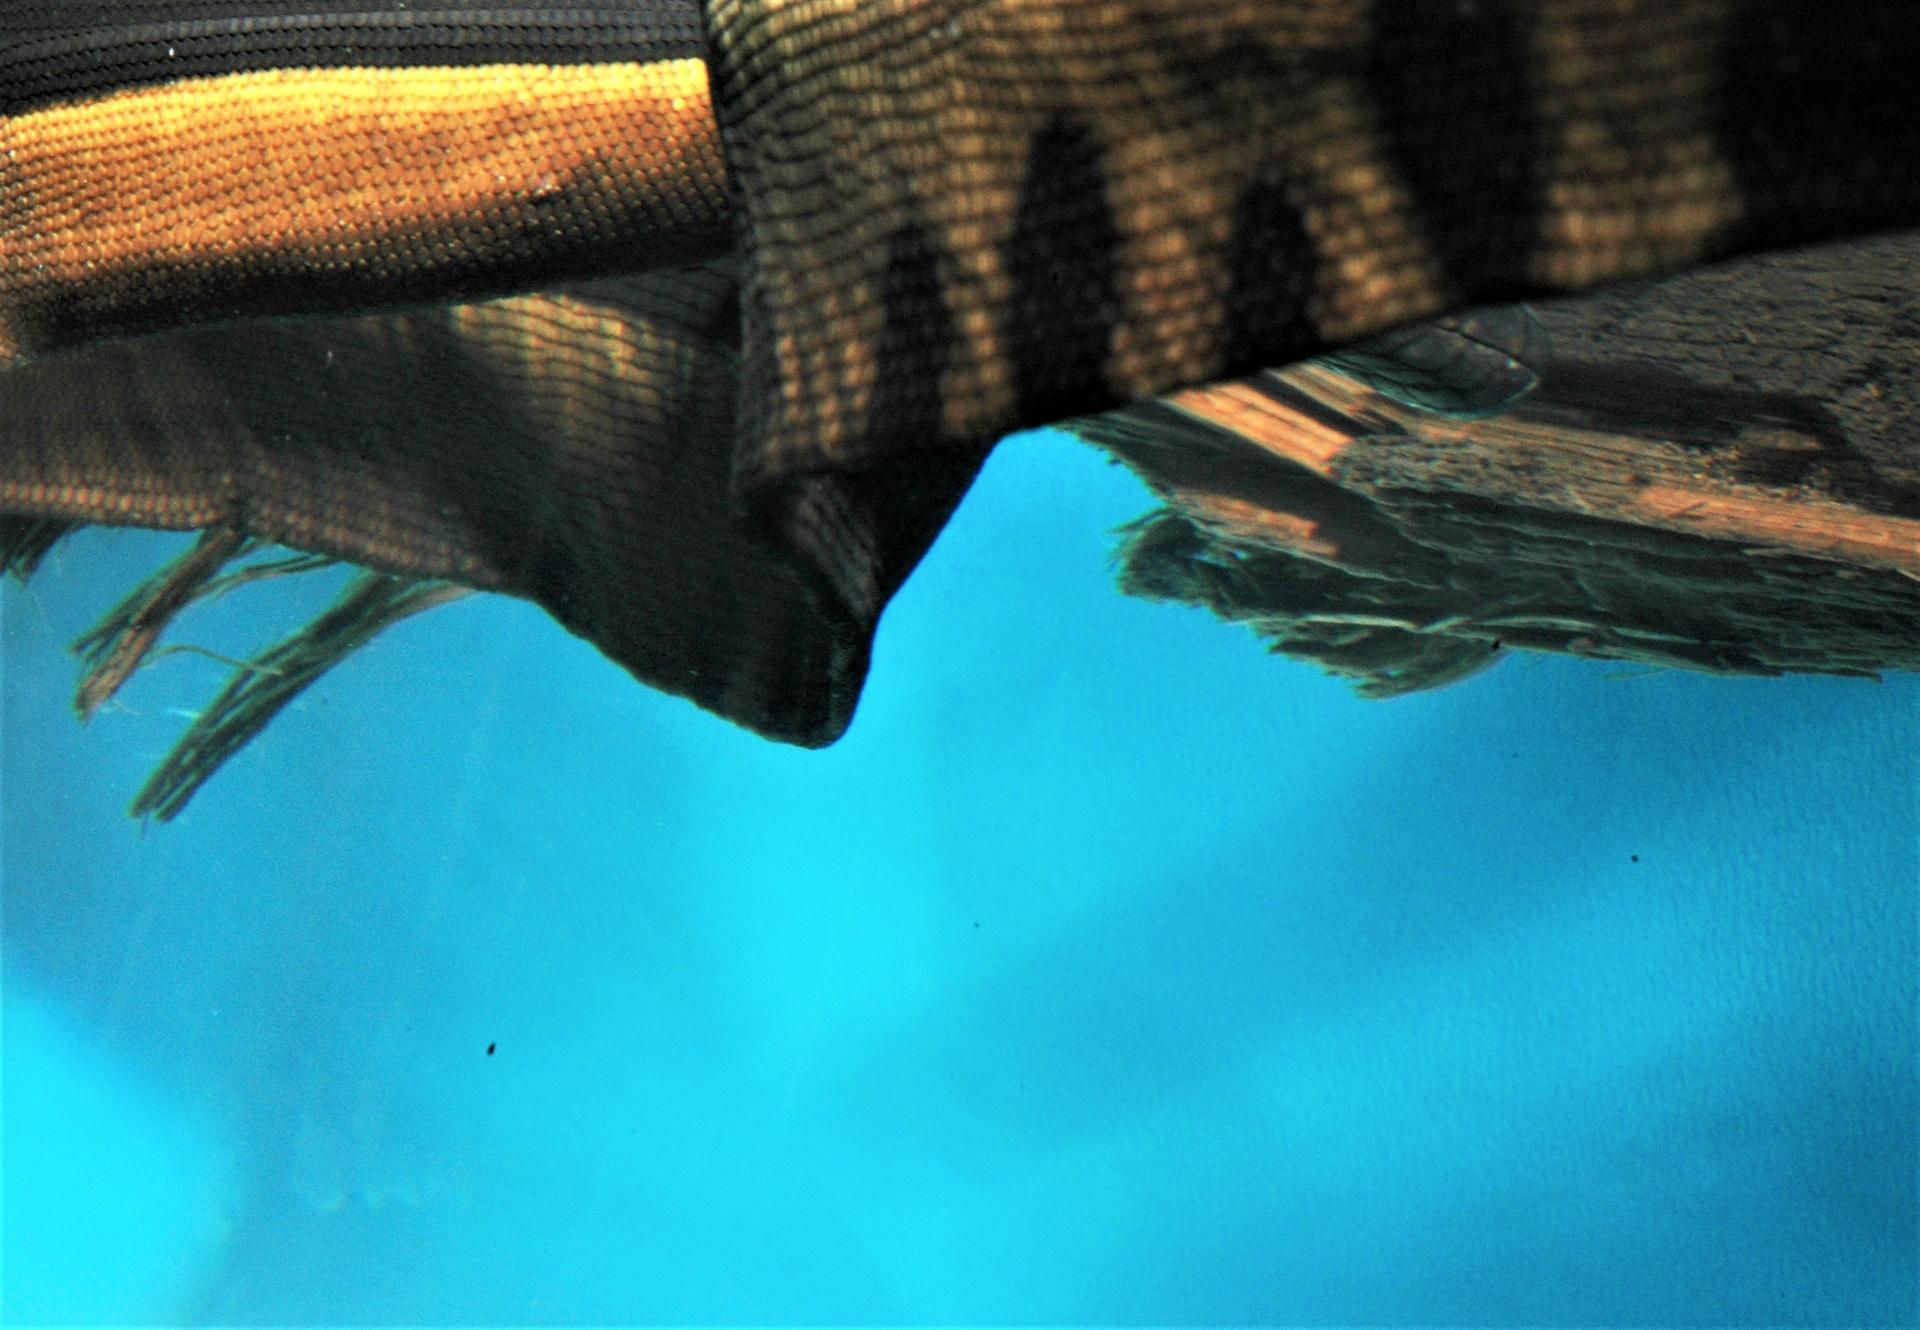 腹部鱗片縮小讓海蛇的身體更容易變扁。攝影:杜銘章